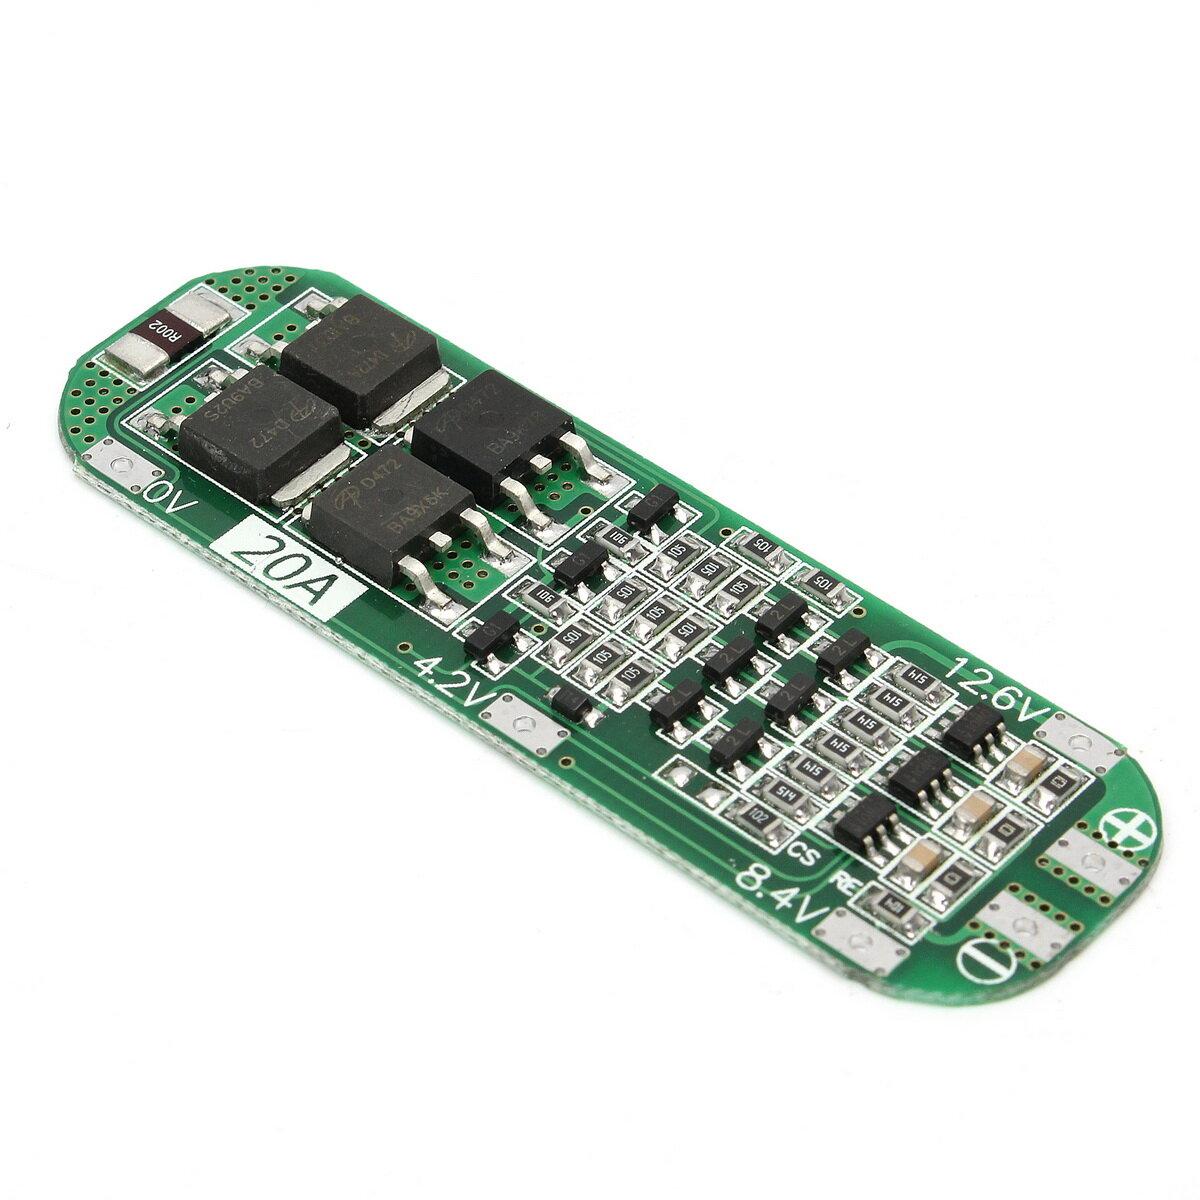 3S 20A Li-ionリチウム電池18650充電器PCB BMS保護ボード12.6Vセル